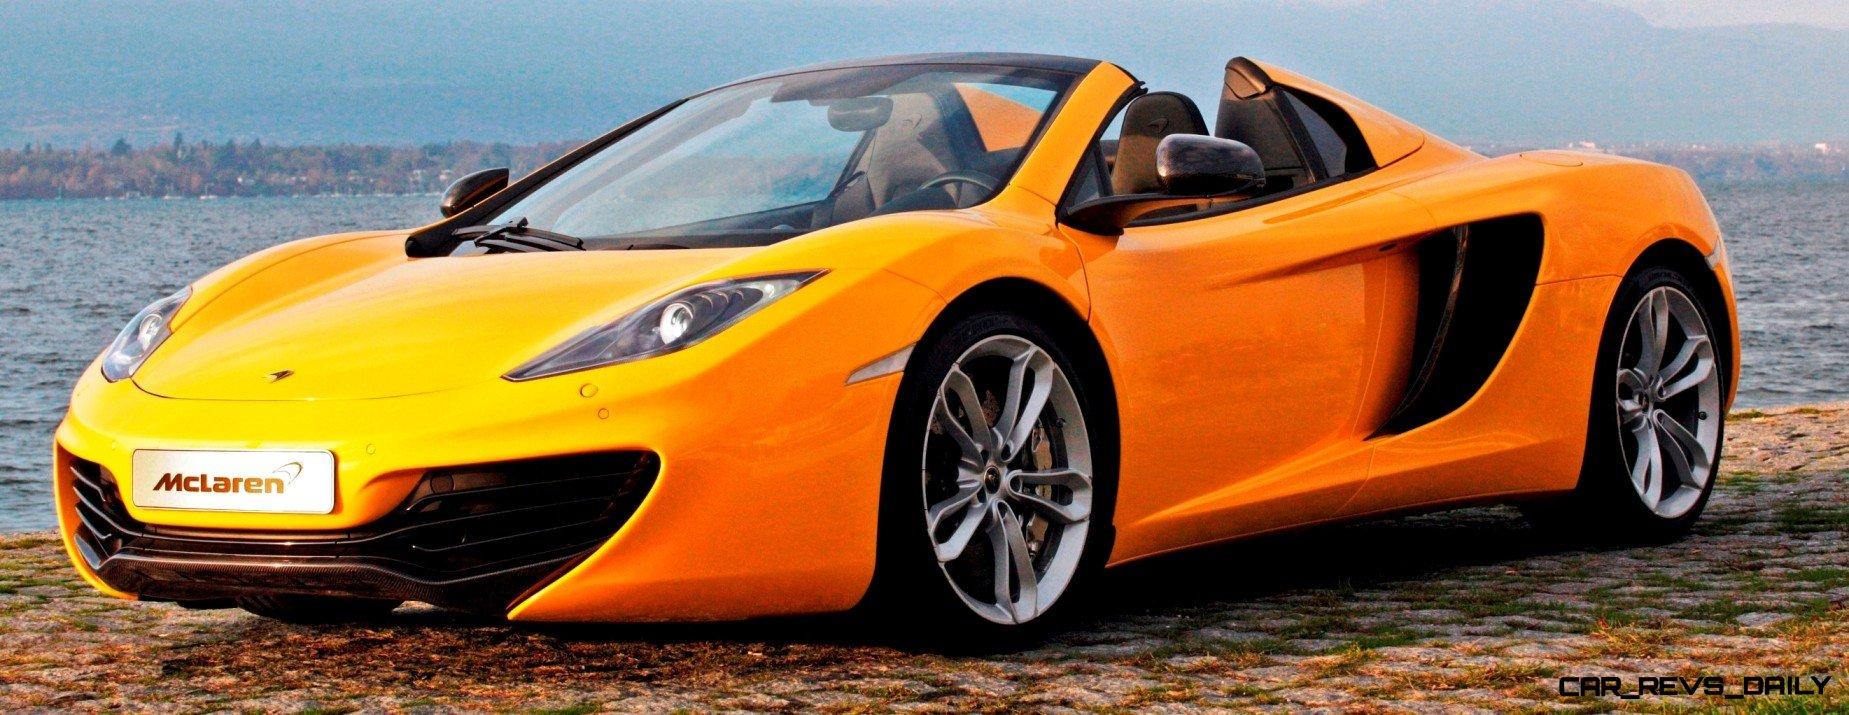 CarRevsDaily.com - 2014 McLaren 12C Spider Updates 36